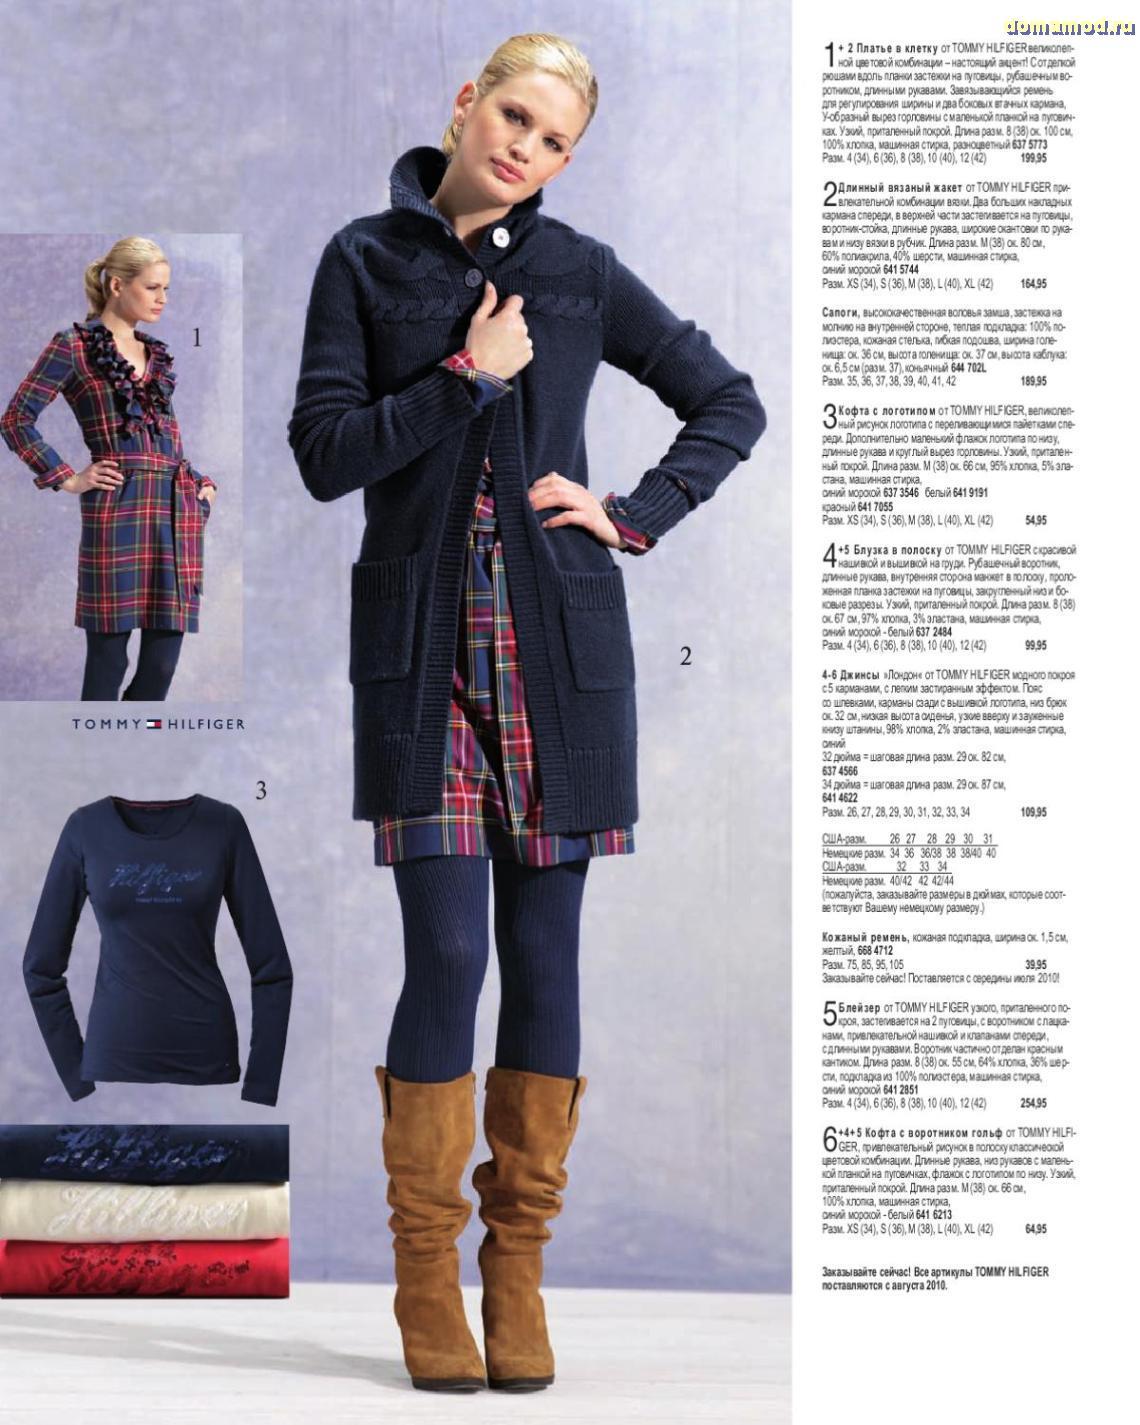 Томми хилфигер каталог одежды официальный сайт